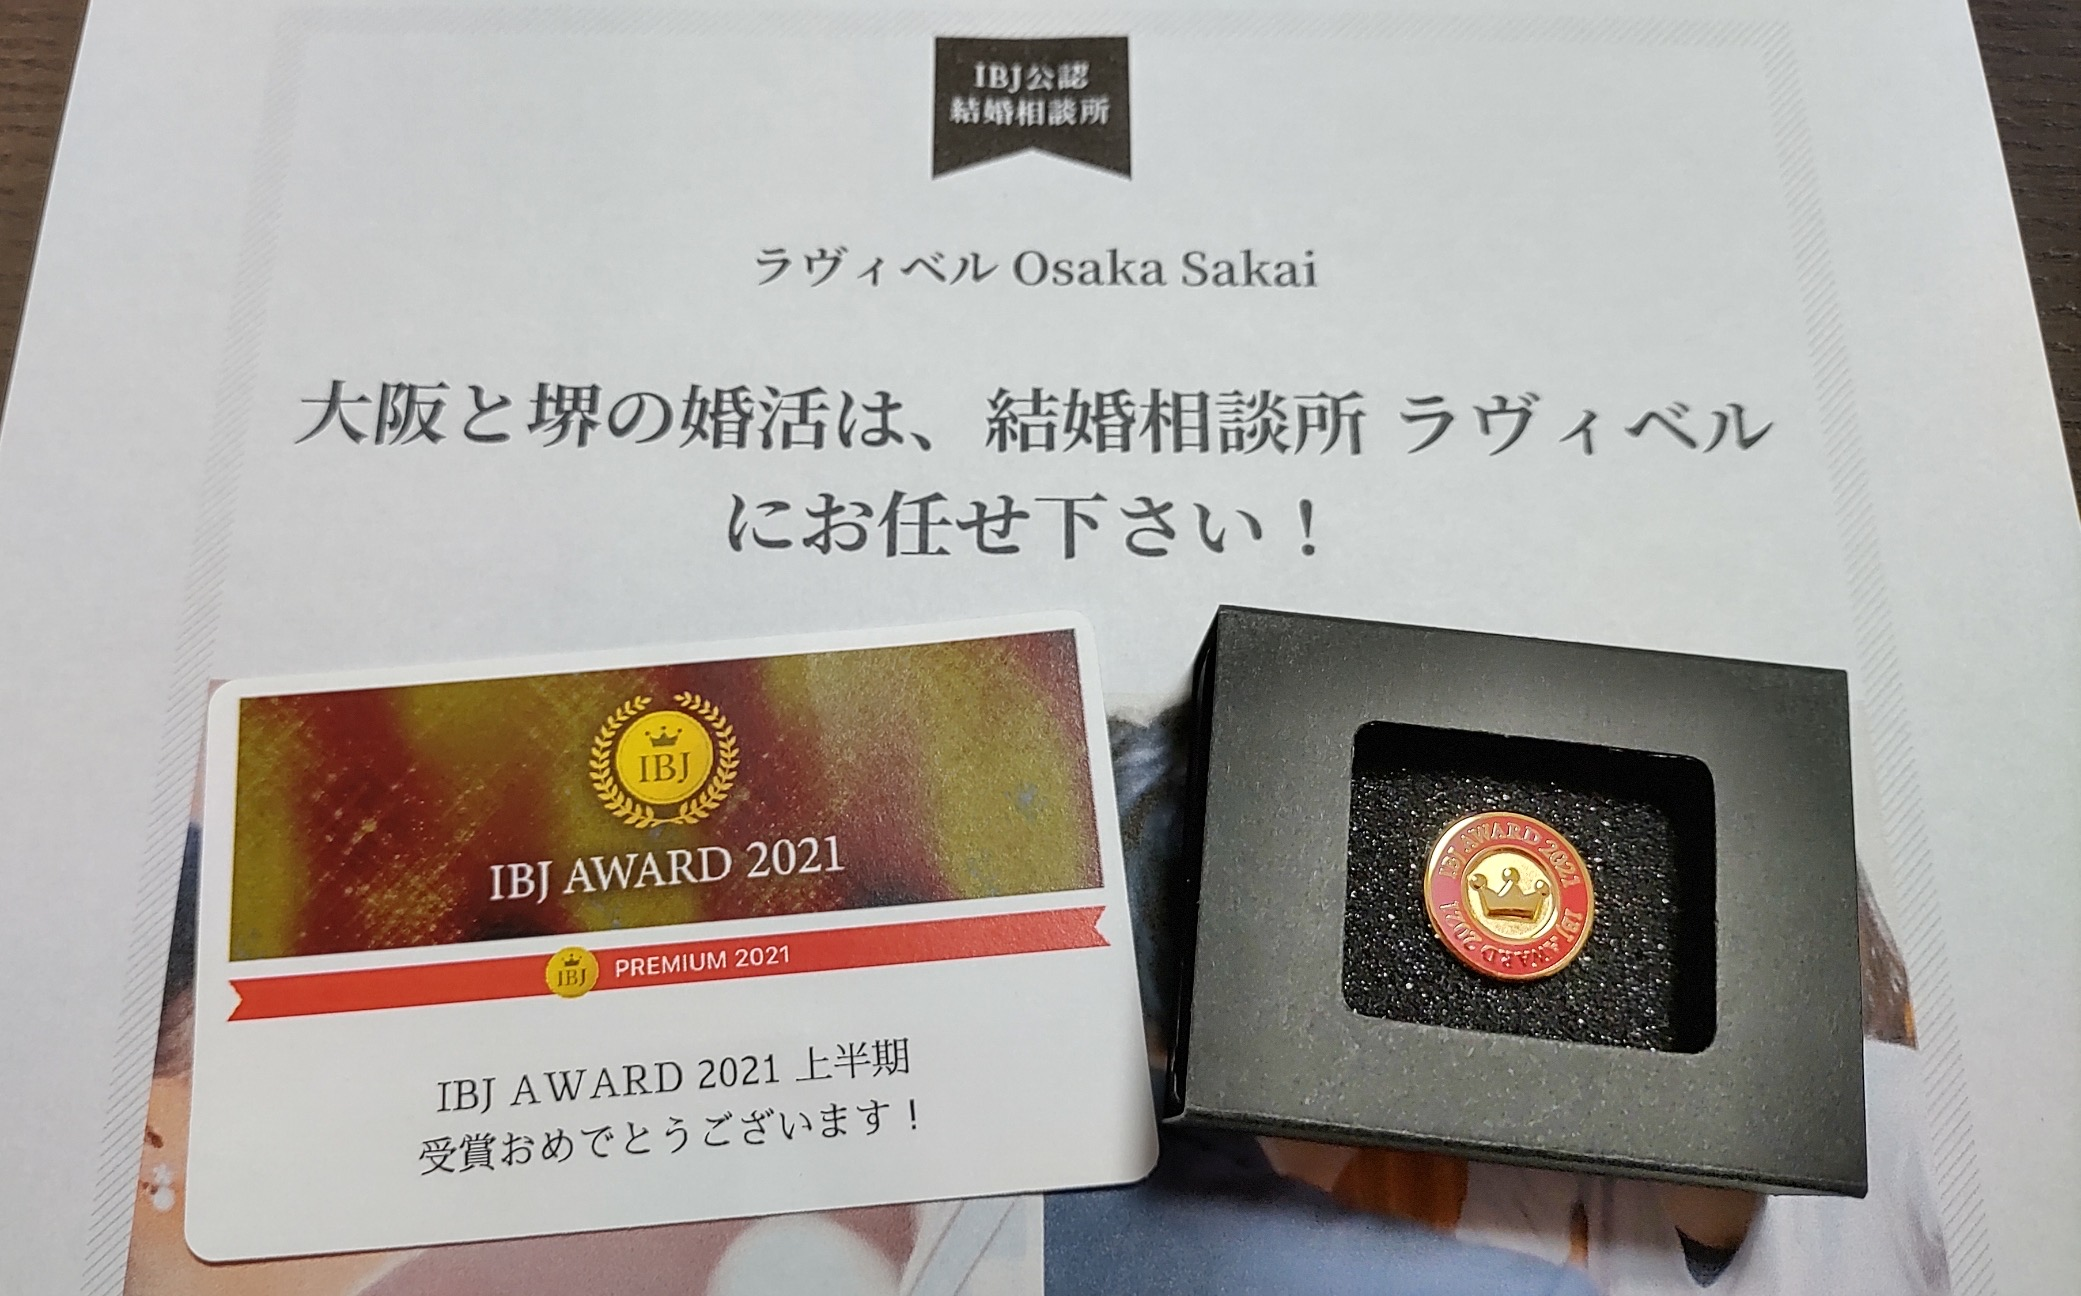 【日常ブログ】<br>IBJ AWARD 受賞 バッチを頂きました‼︎